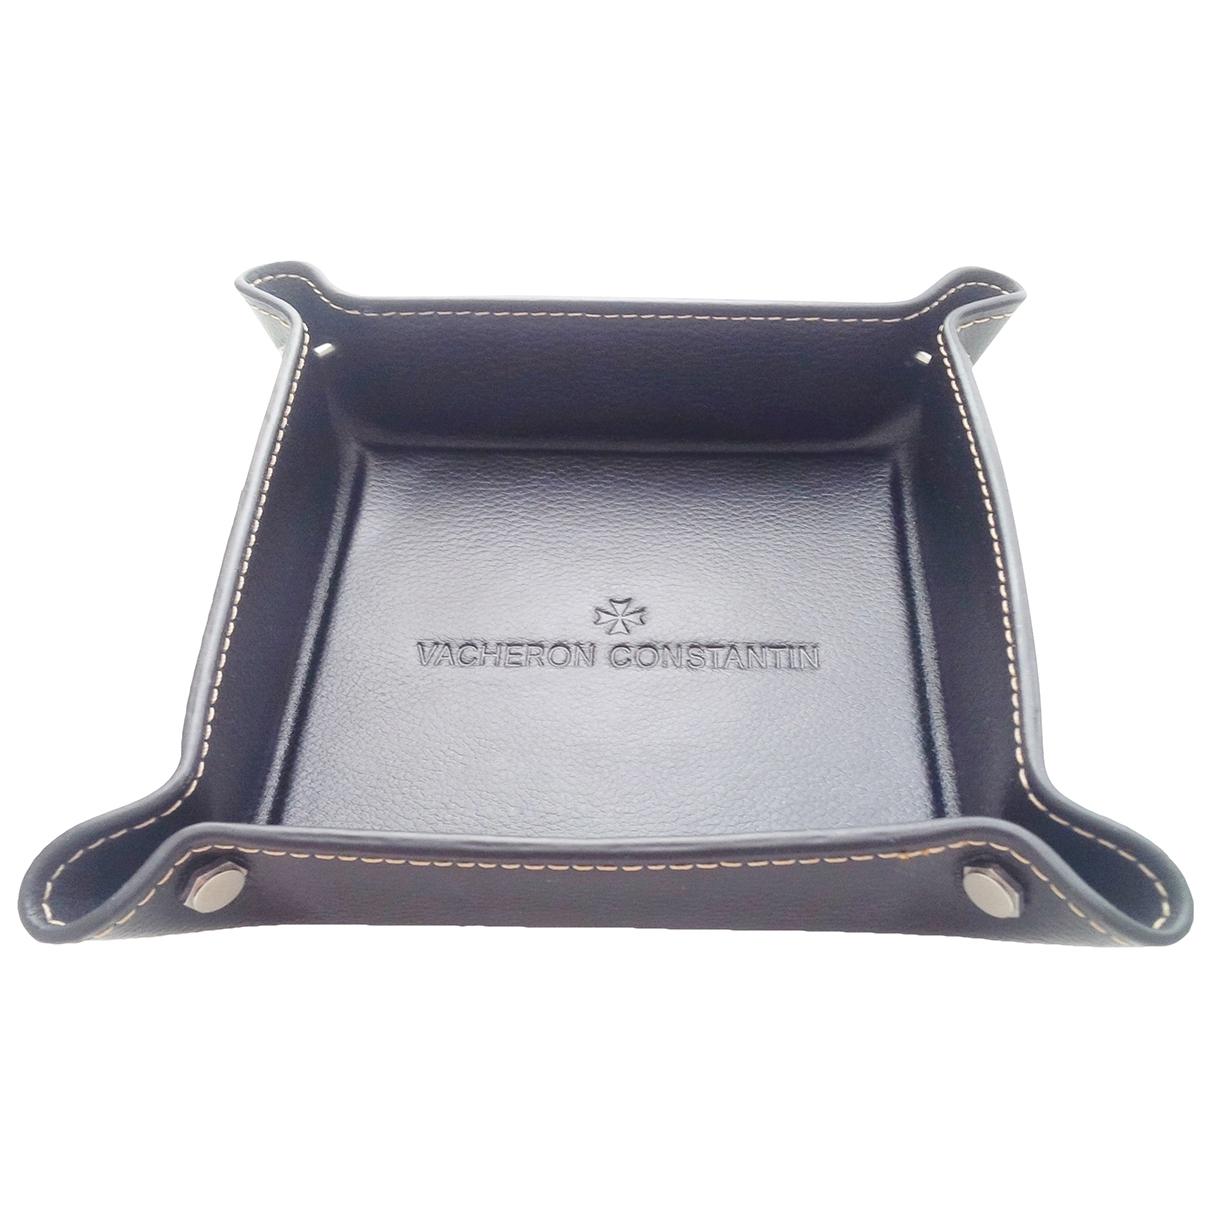 Vacheron Constantin - Objets & Deco   pour lifestyle en cuir - marron